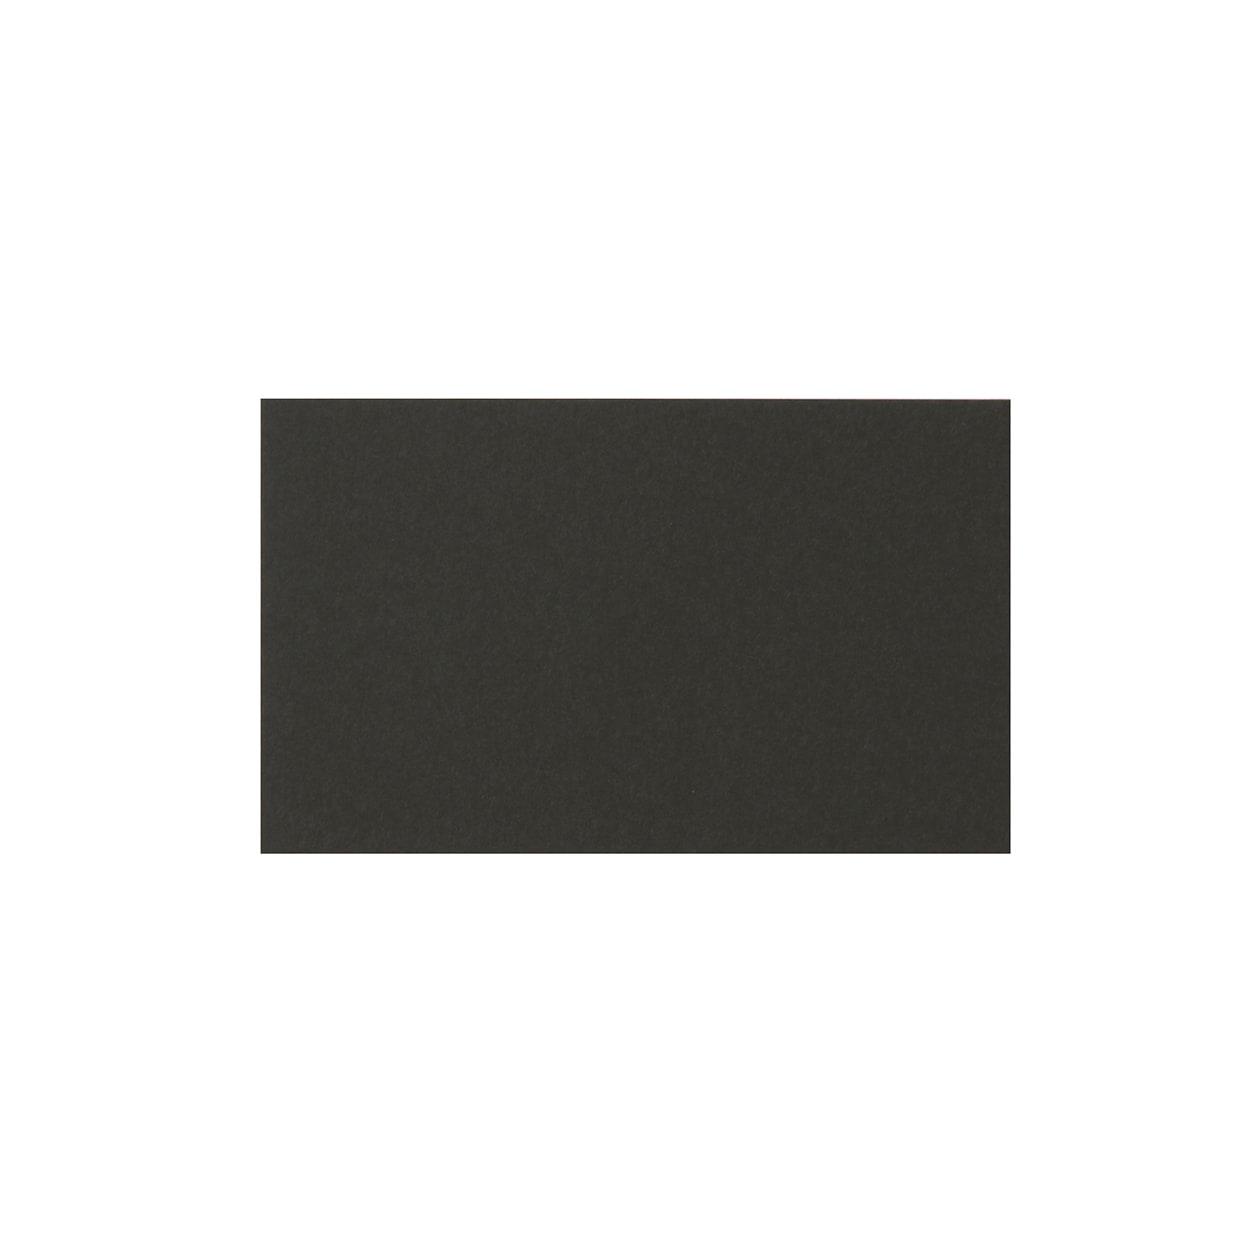 ネームカード コットン(NTラシャ) 黒 151.2g